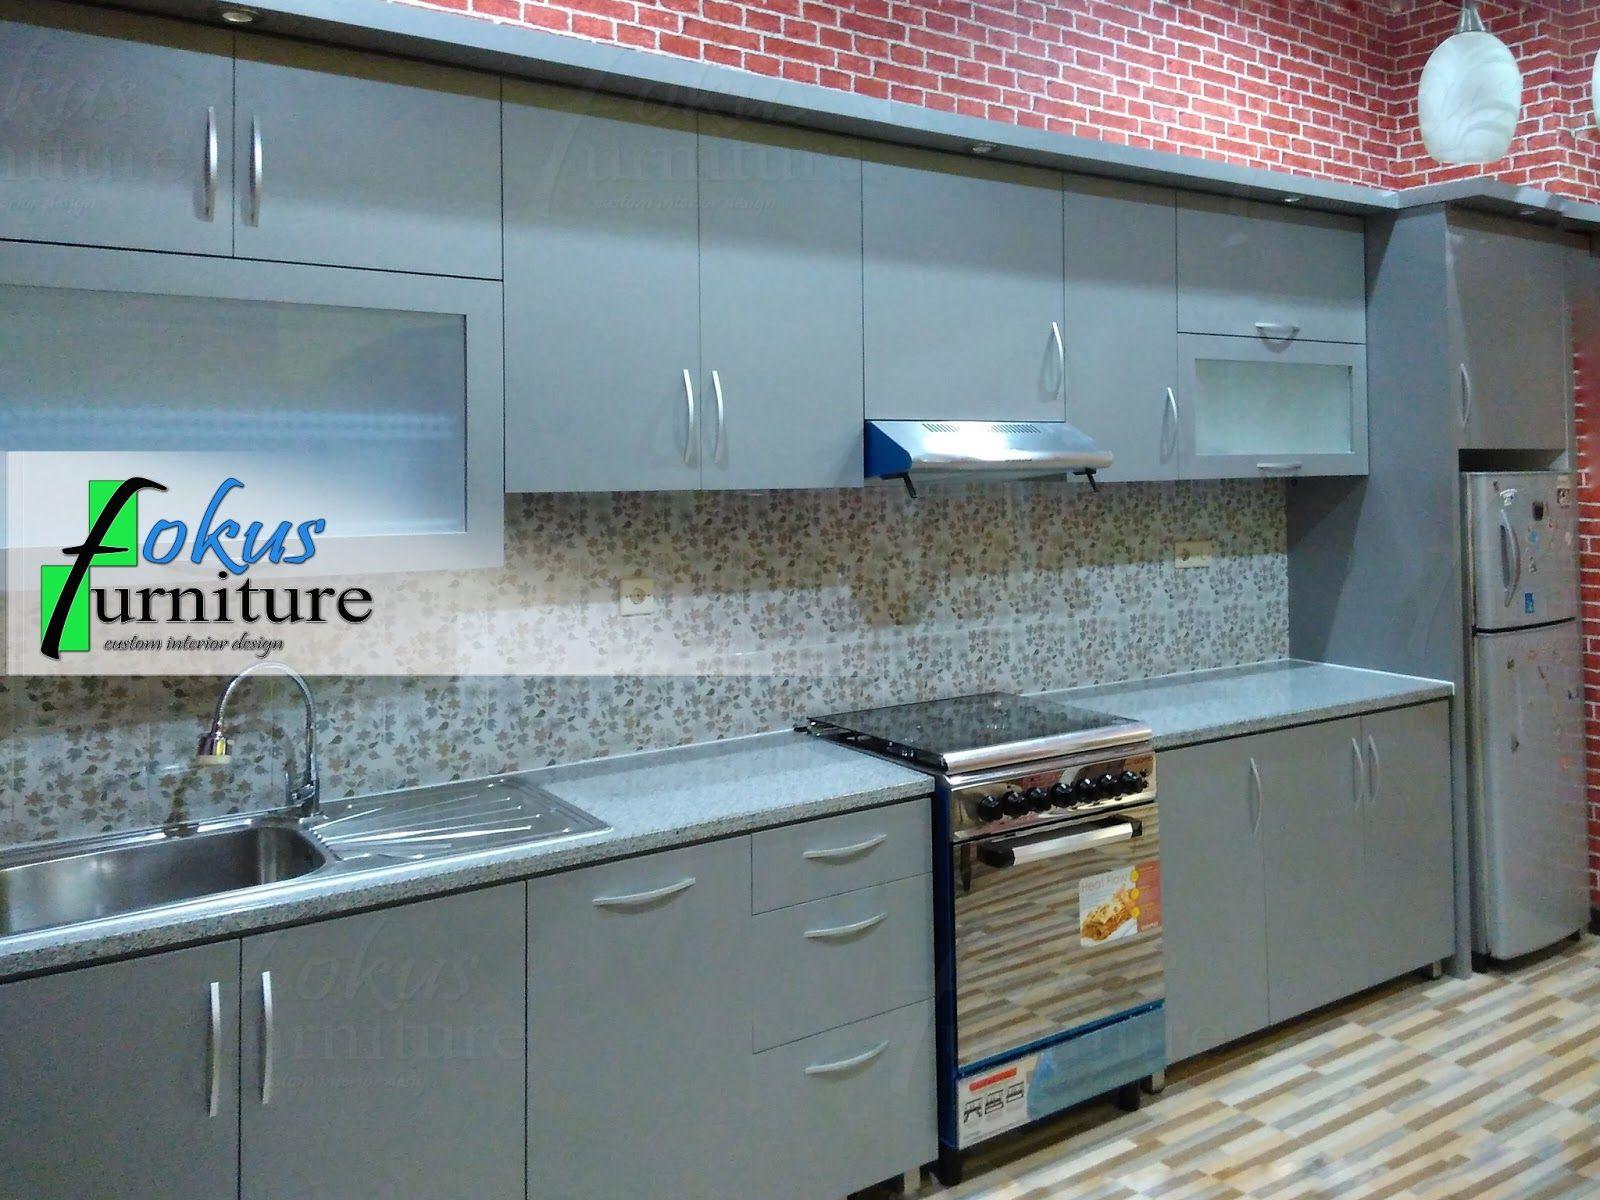 Kitchen set tanpa handle | Fokusfurniture.com kitchen set,lemari ...